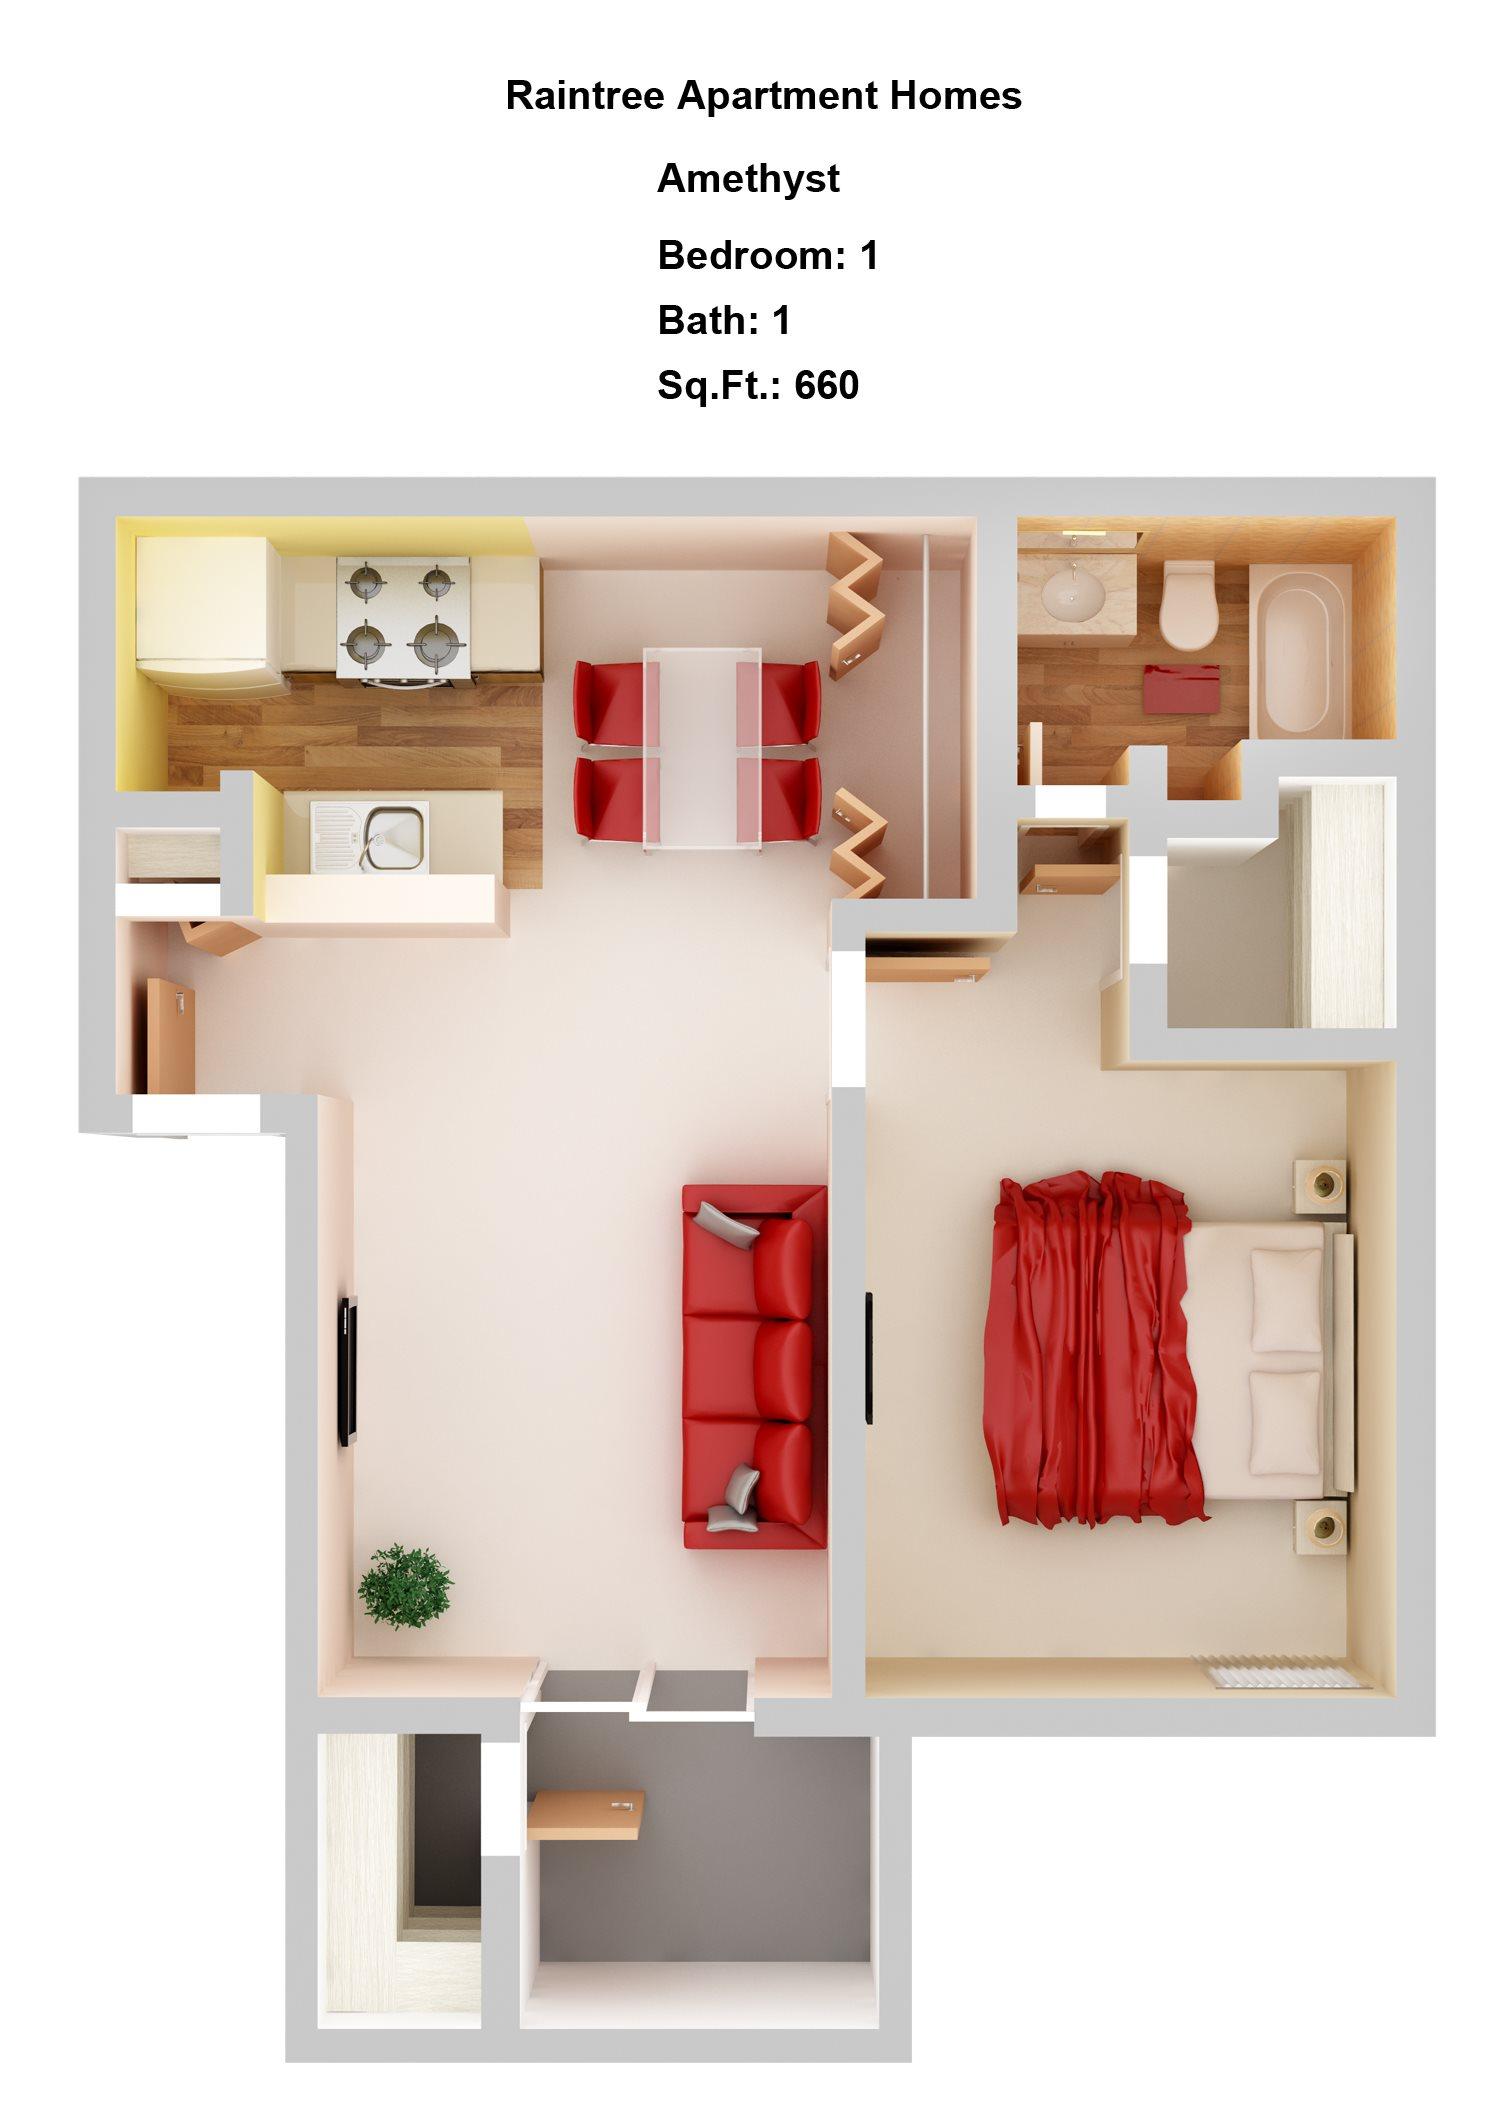 Amethyst Floor Plan 1